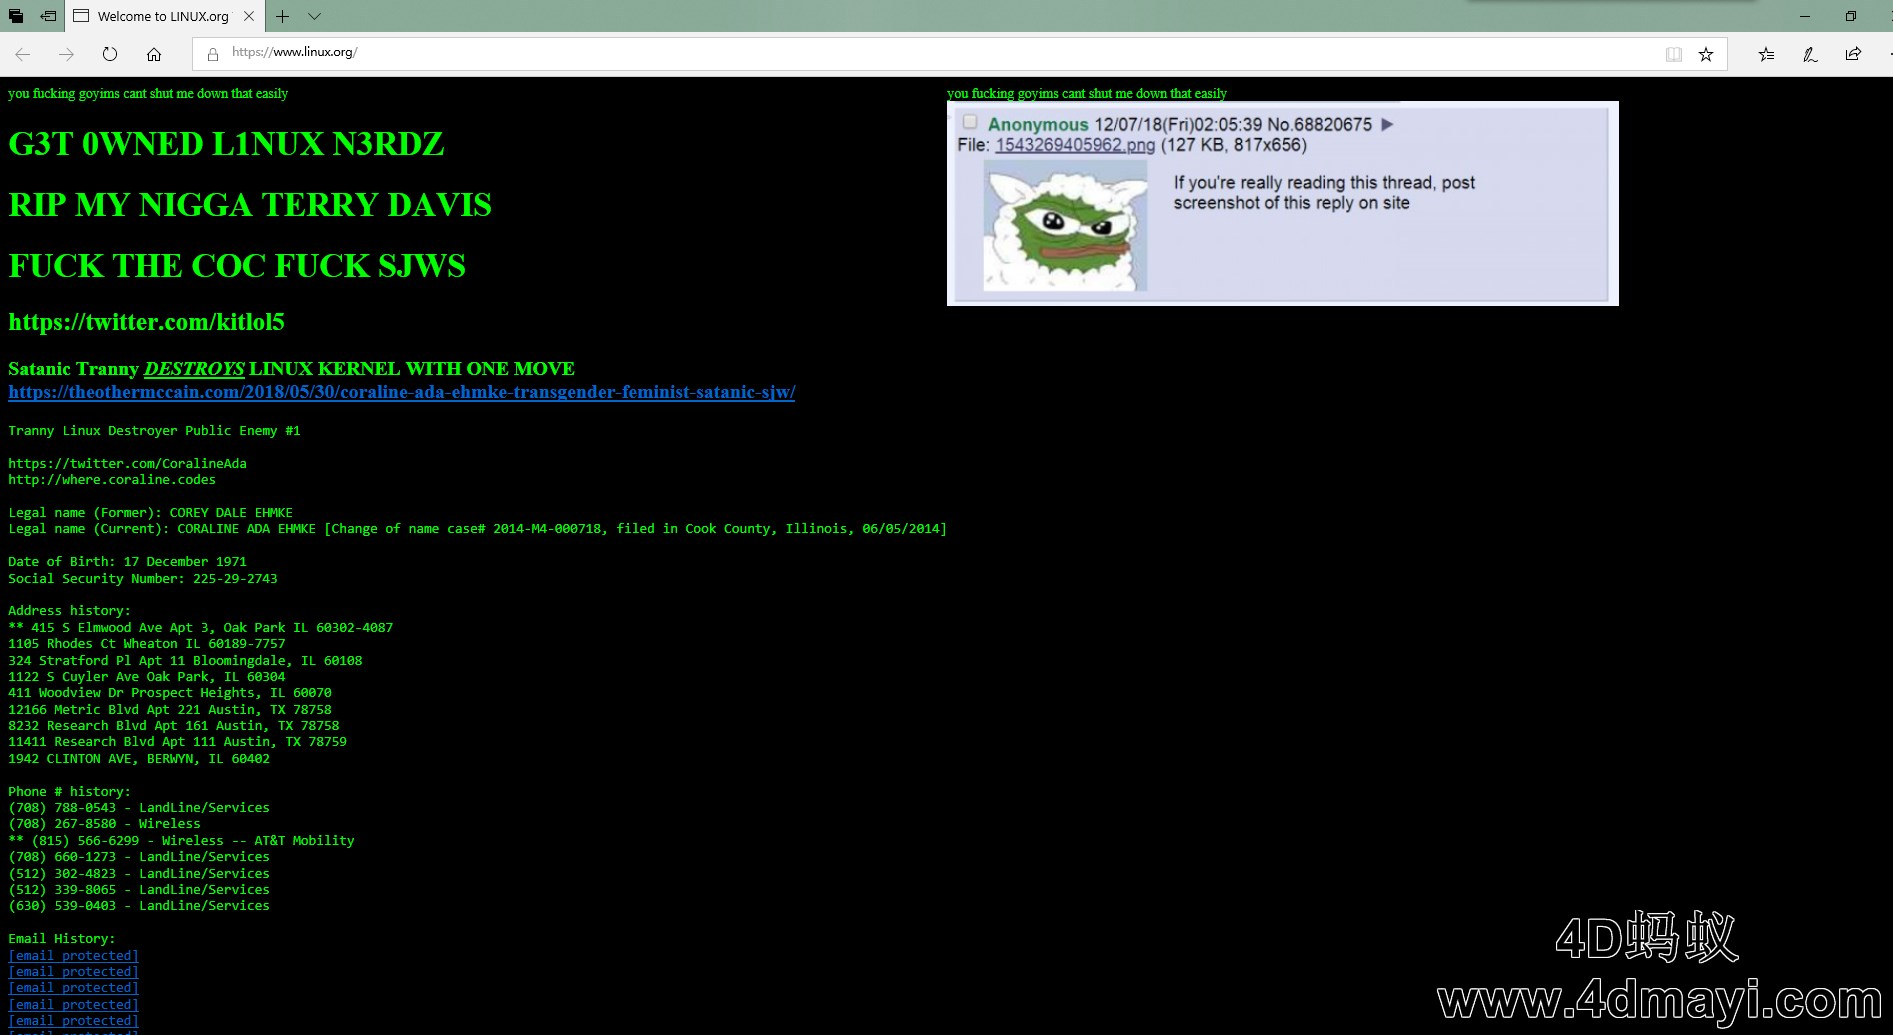 截图留念,著名开源社区linux.org疑似被黑!2018年12月7日